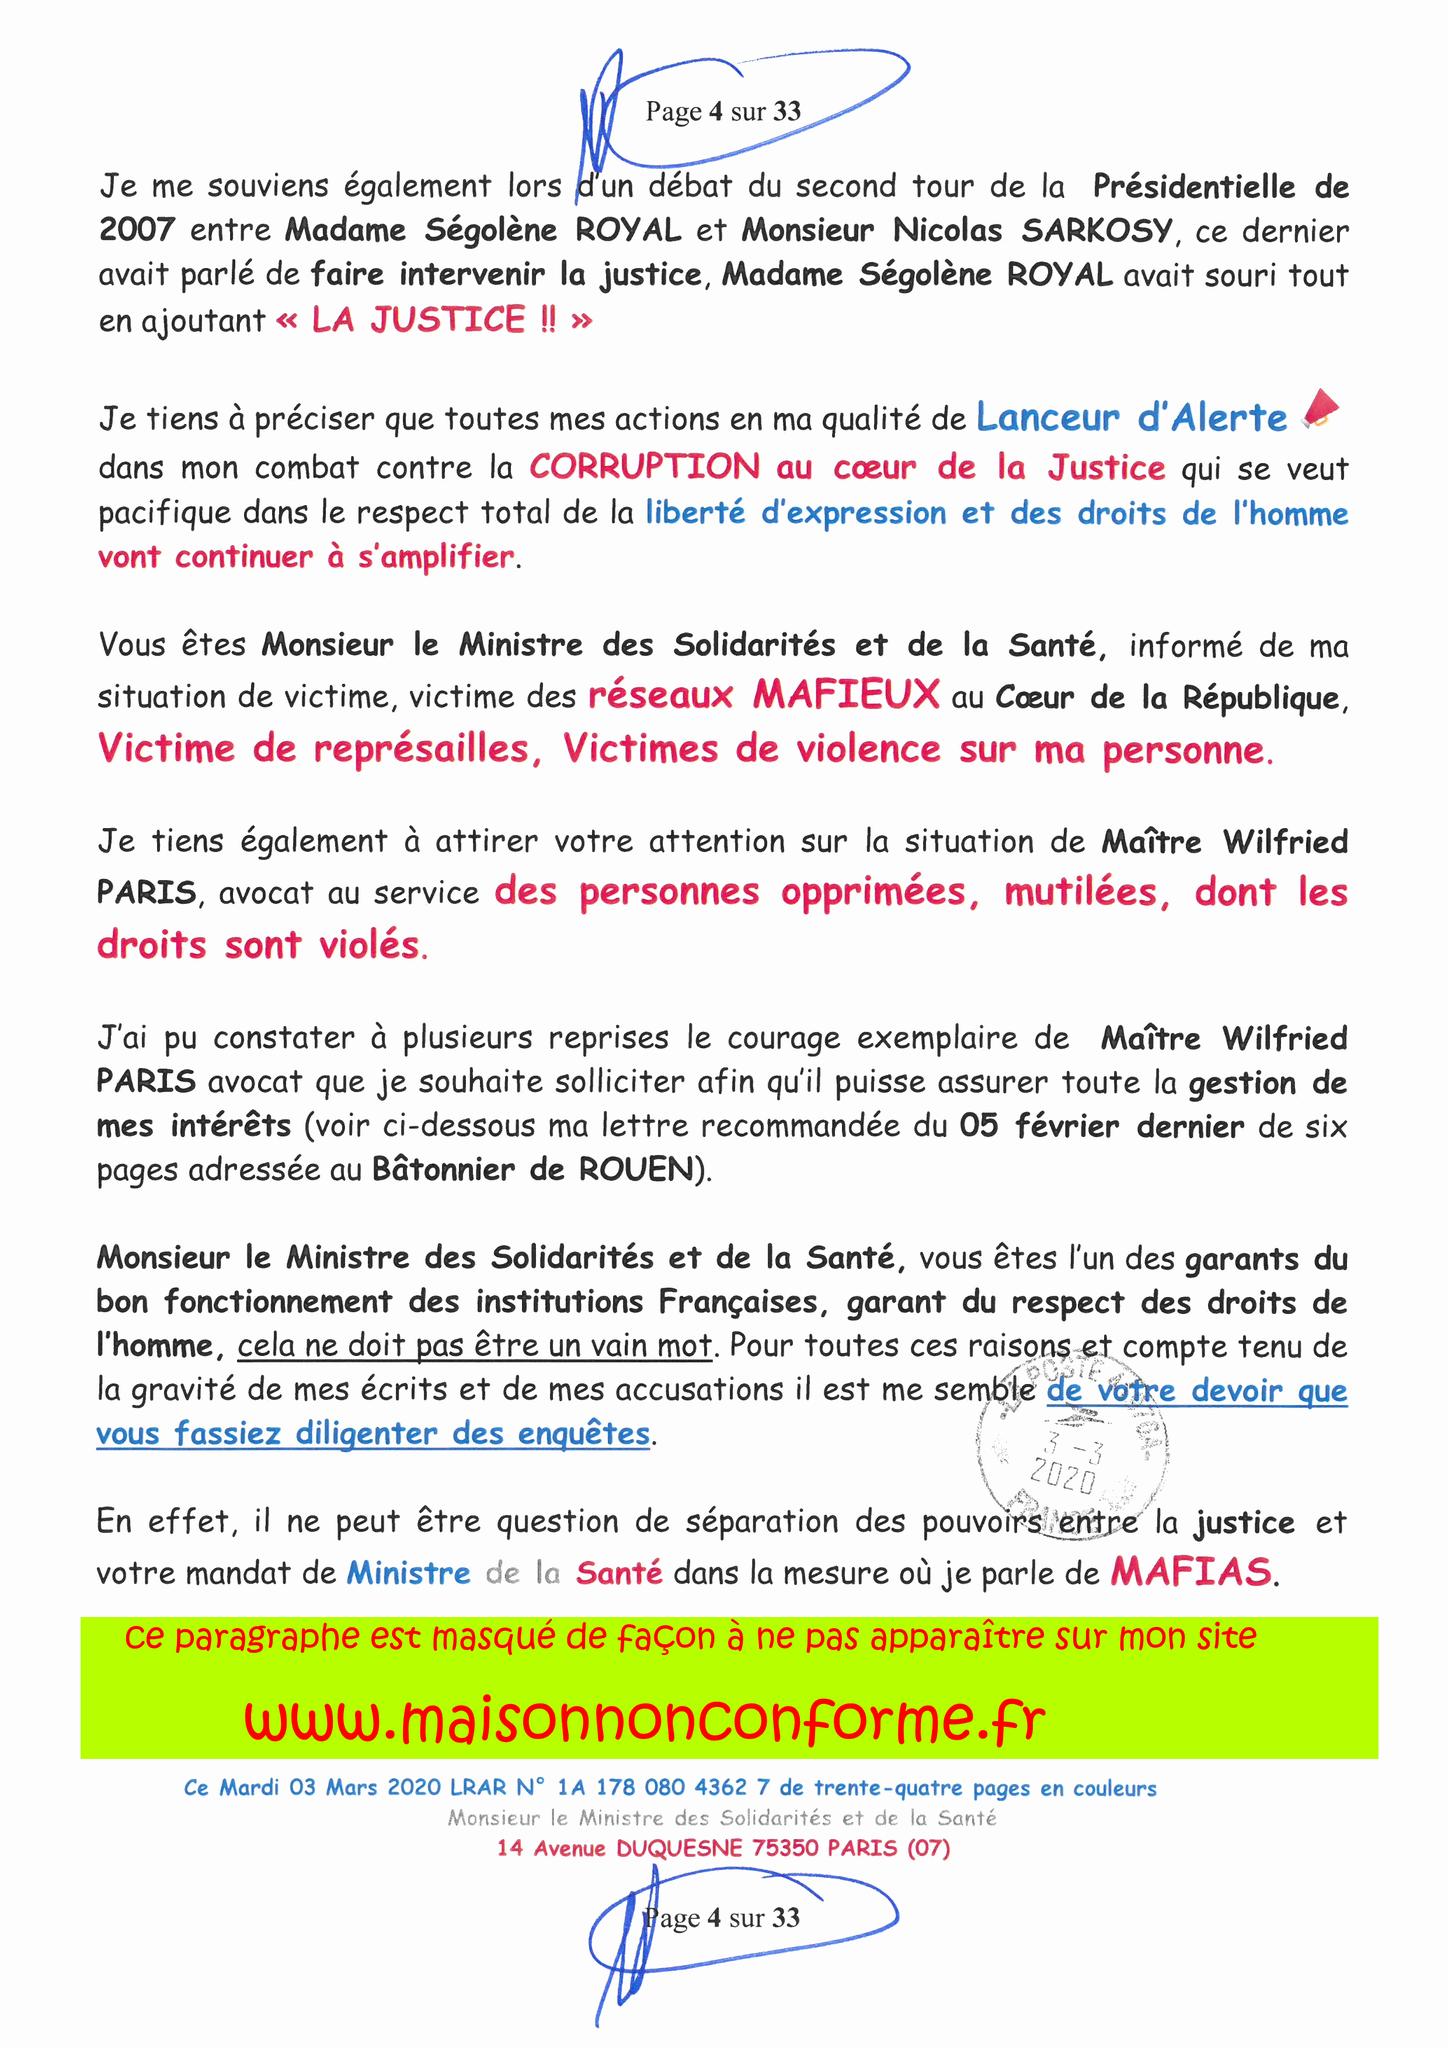 Page 4 sur 33 Ma lettre recommandée N0 1A 178 080 4362 7 du 03 Mars 2020 à Monsieur Olivier VERAN le Ministre de la Santé et des Solidarités www.jesuispatrick.fr www.jesuisvictime.fr www.alerte-rouge-france.fr